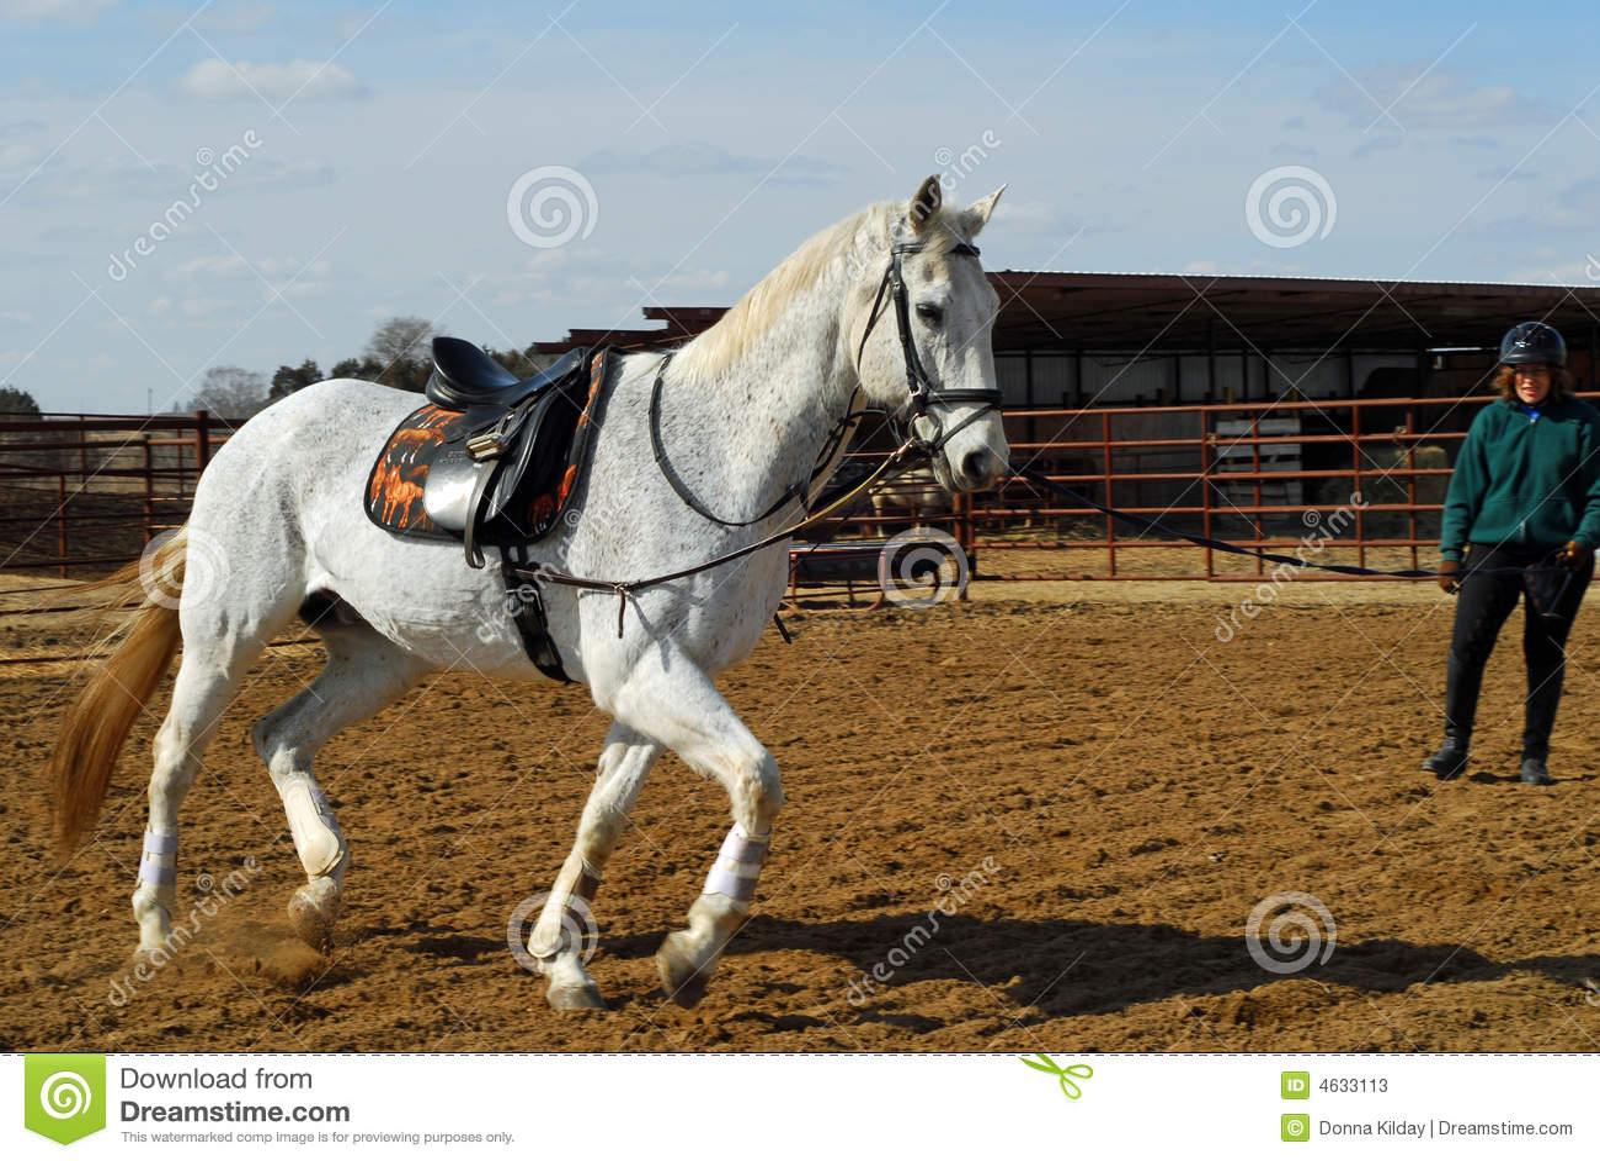 Neil Davies. Horse Training Basics. Ground Lessons - YouTube |Horse Training